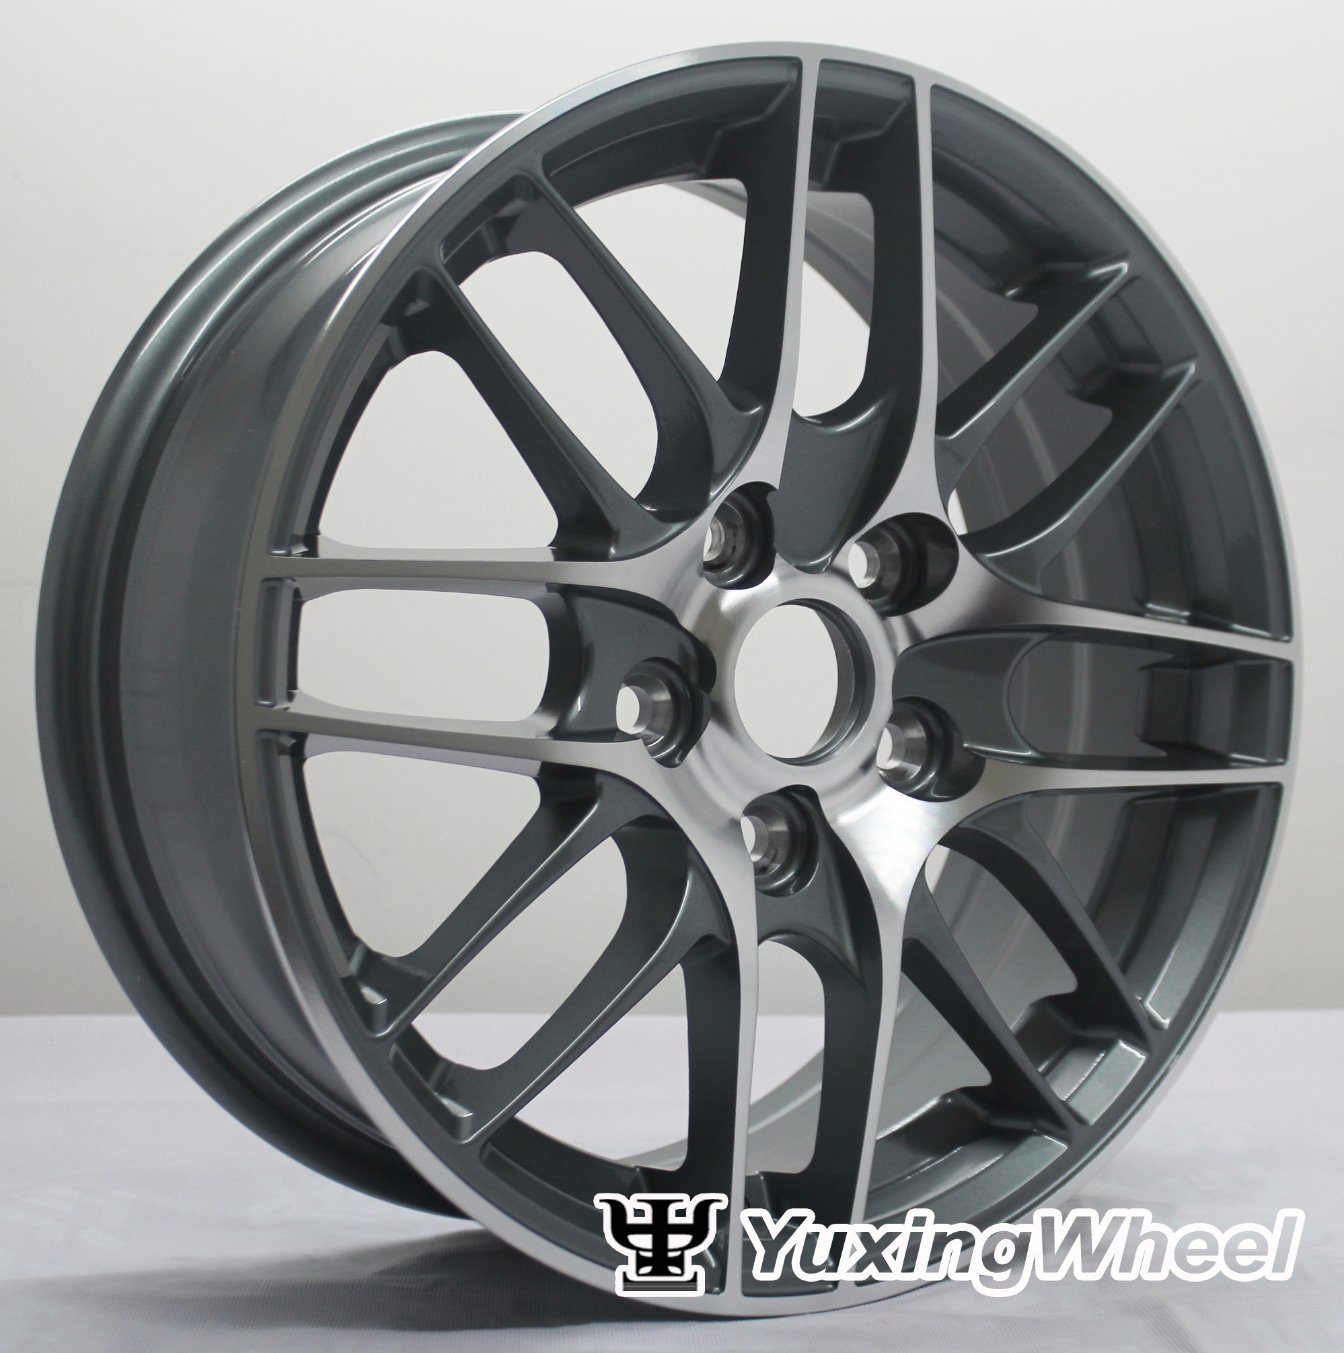 Matt Black Alloy Wheel Car Parts 15 Inch with ISO/Ts 16949: 2009